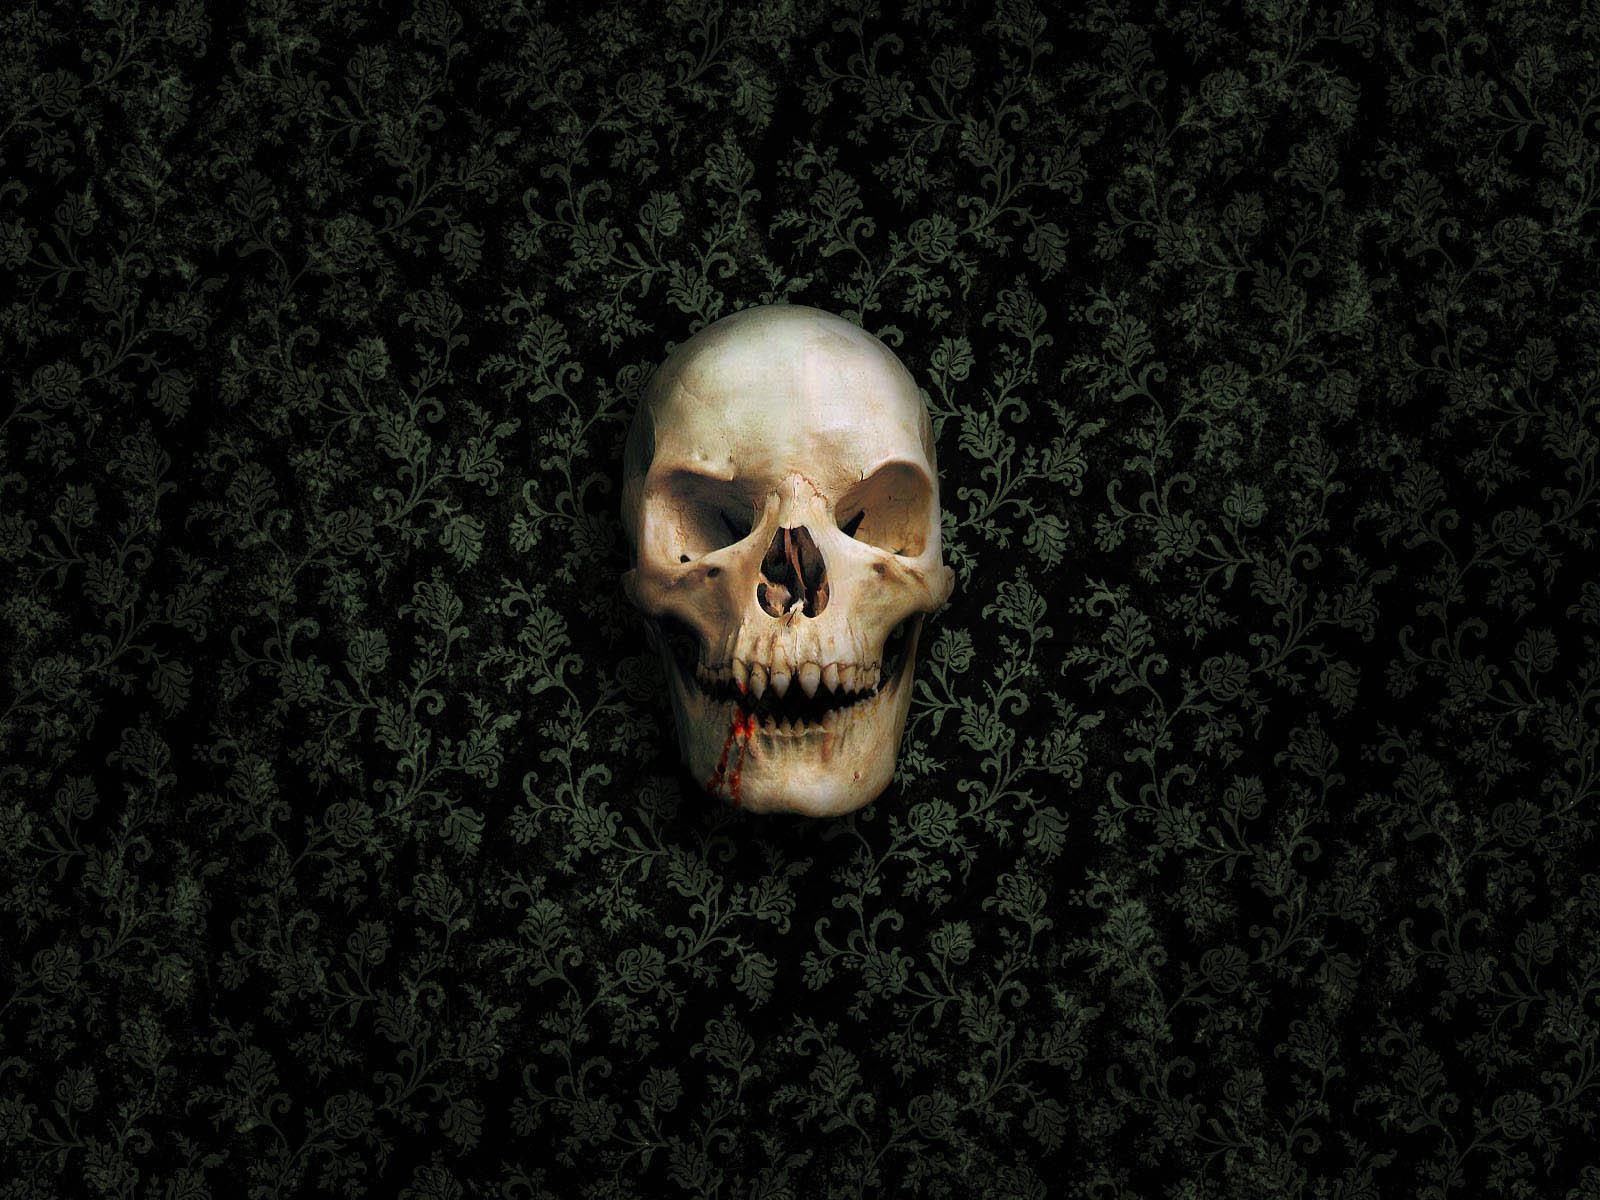 Skull desktop wallpapers horror skull desktop backgrounds horror skull